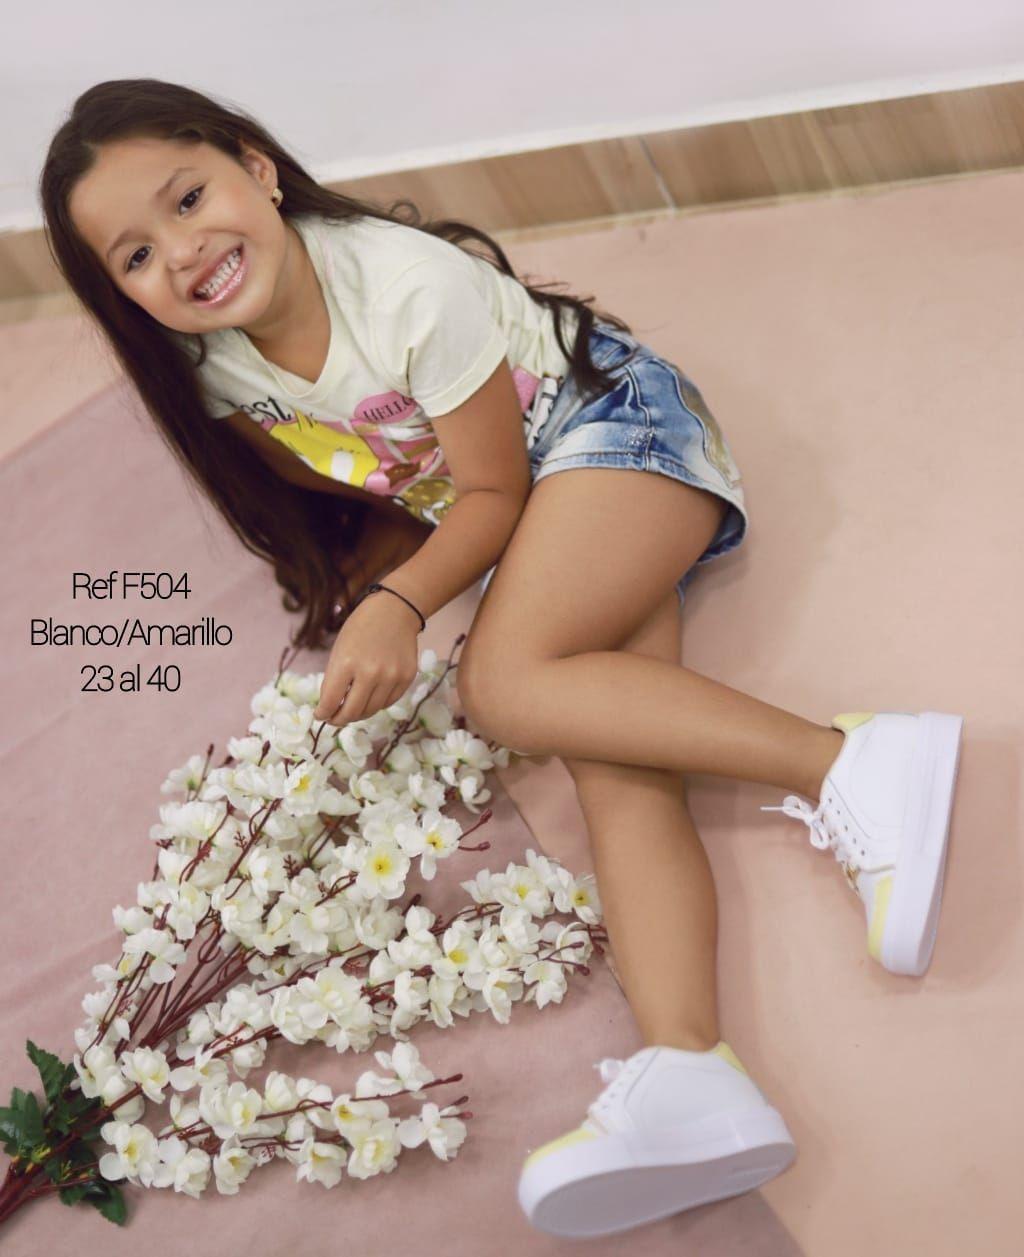 RefF-504 Blanco/Amarillo 23 al 40